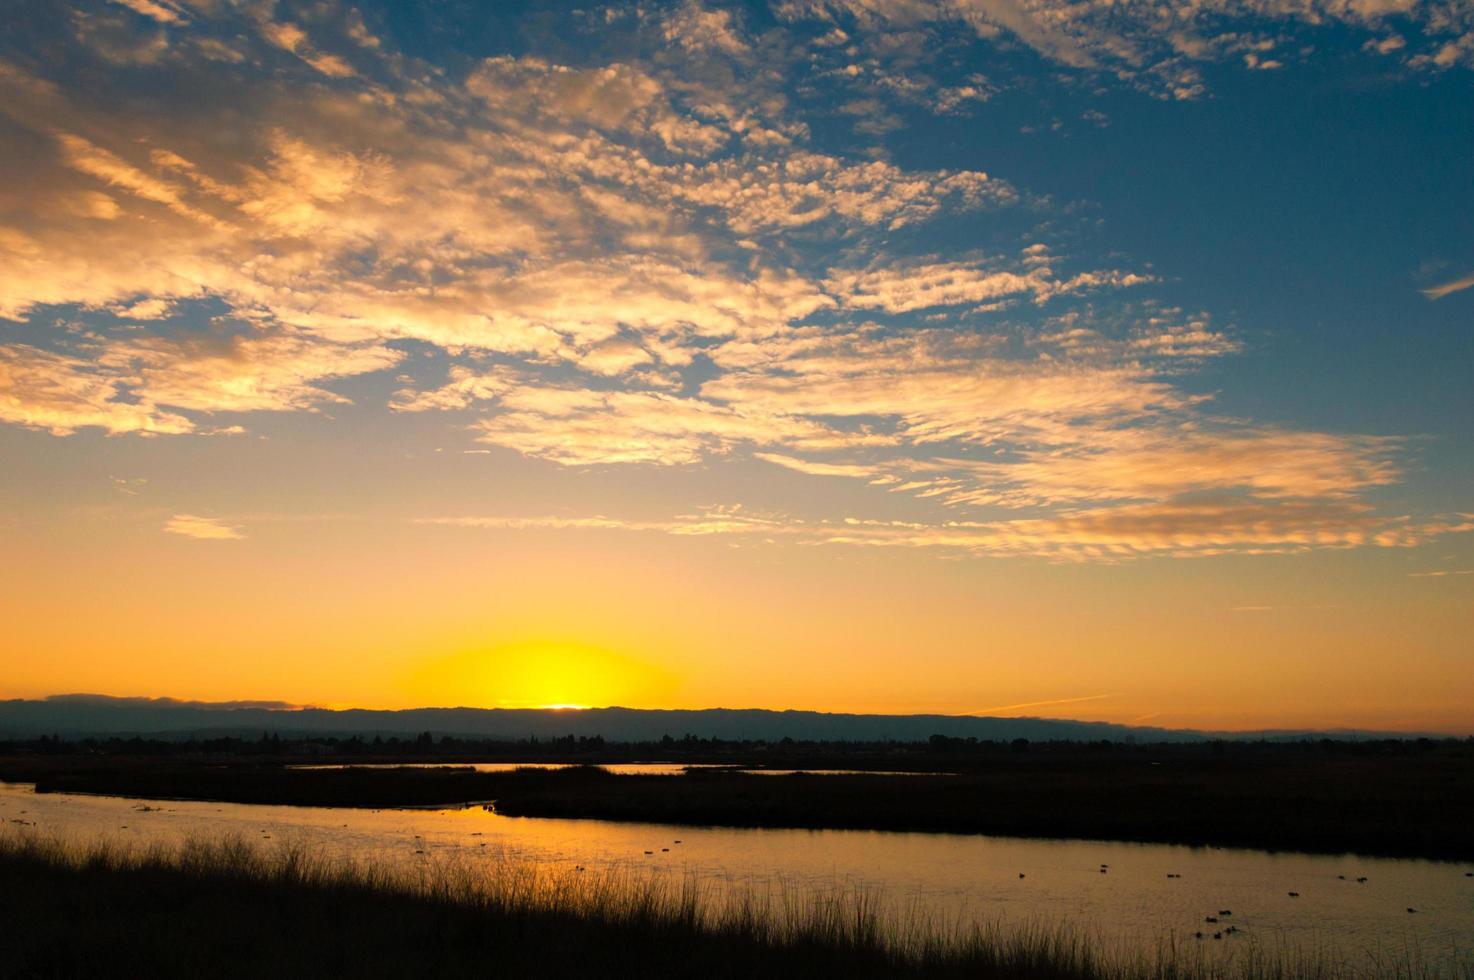 gouden zonsonderganghemel met wolken foto